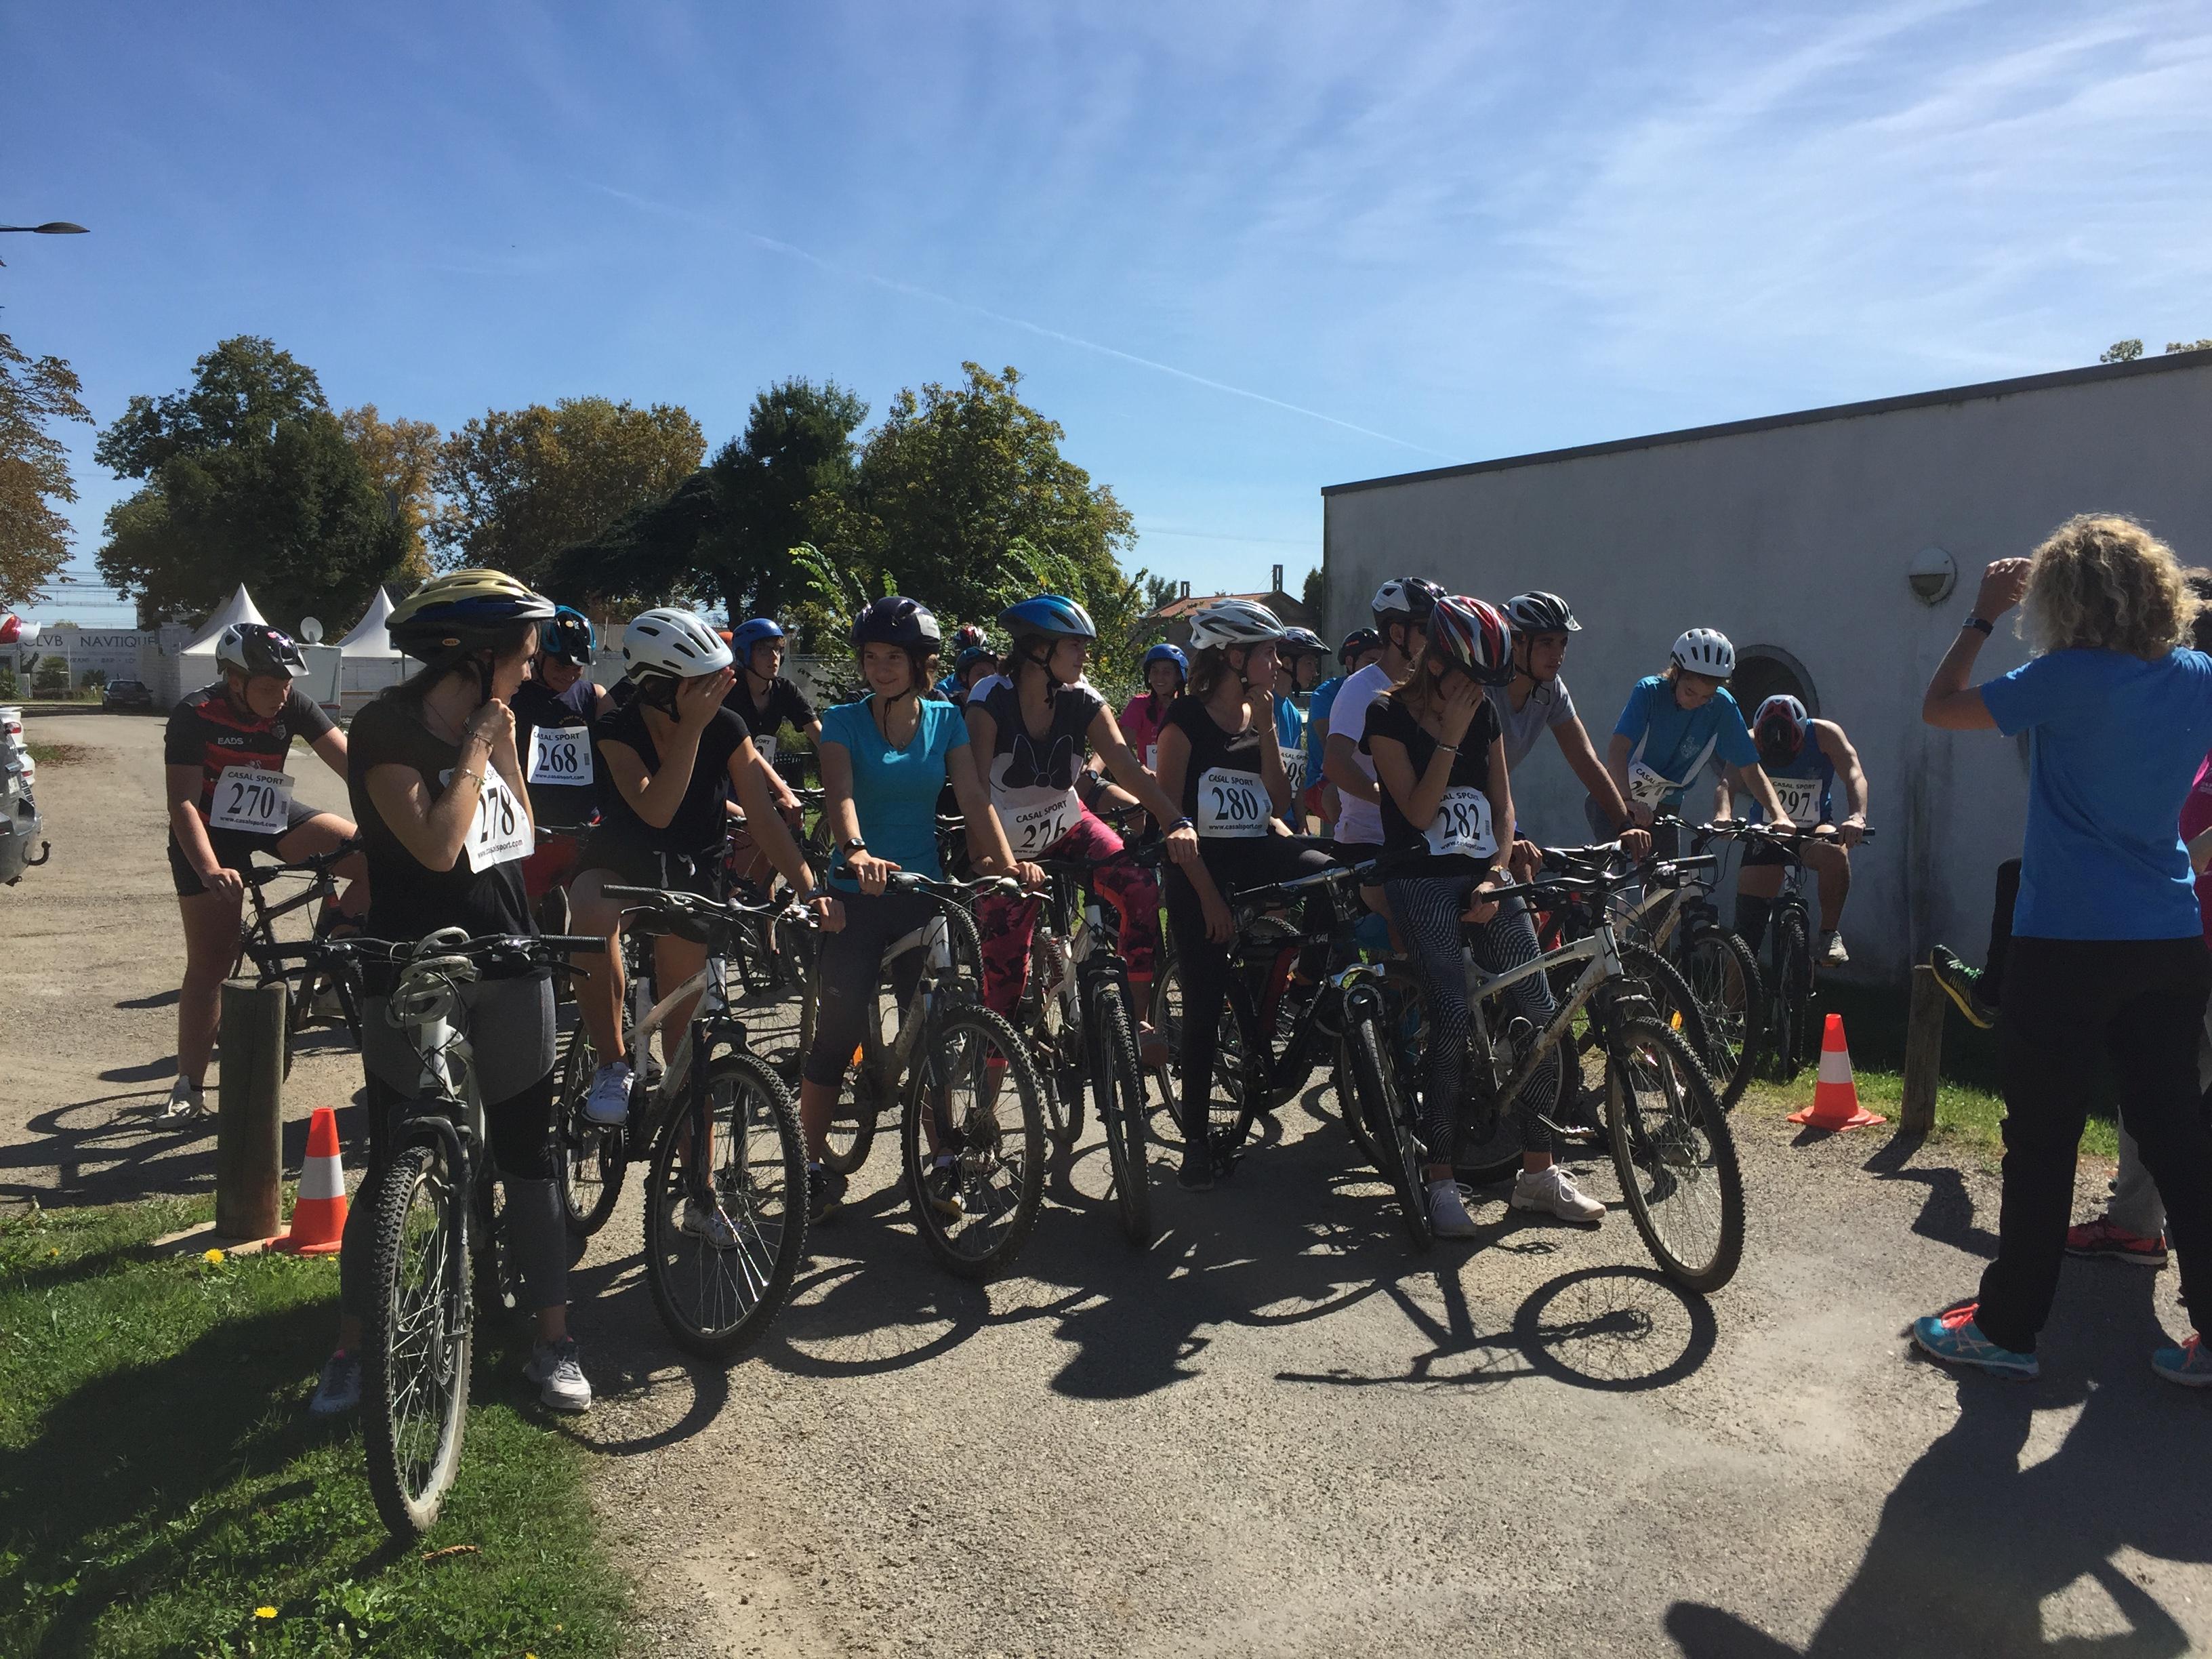 Fête du sport run and bike